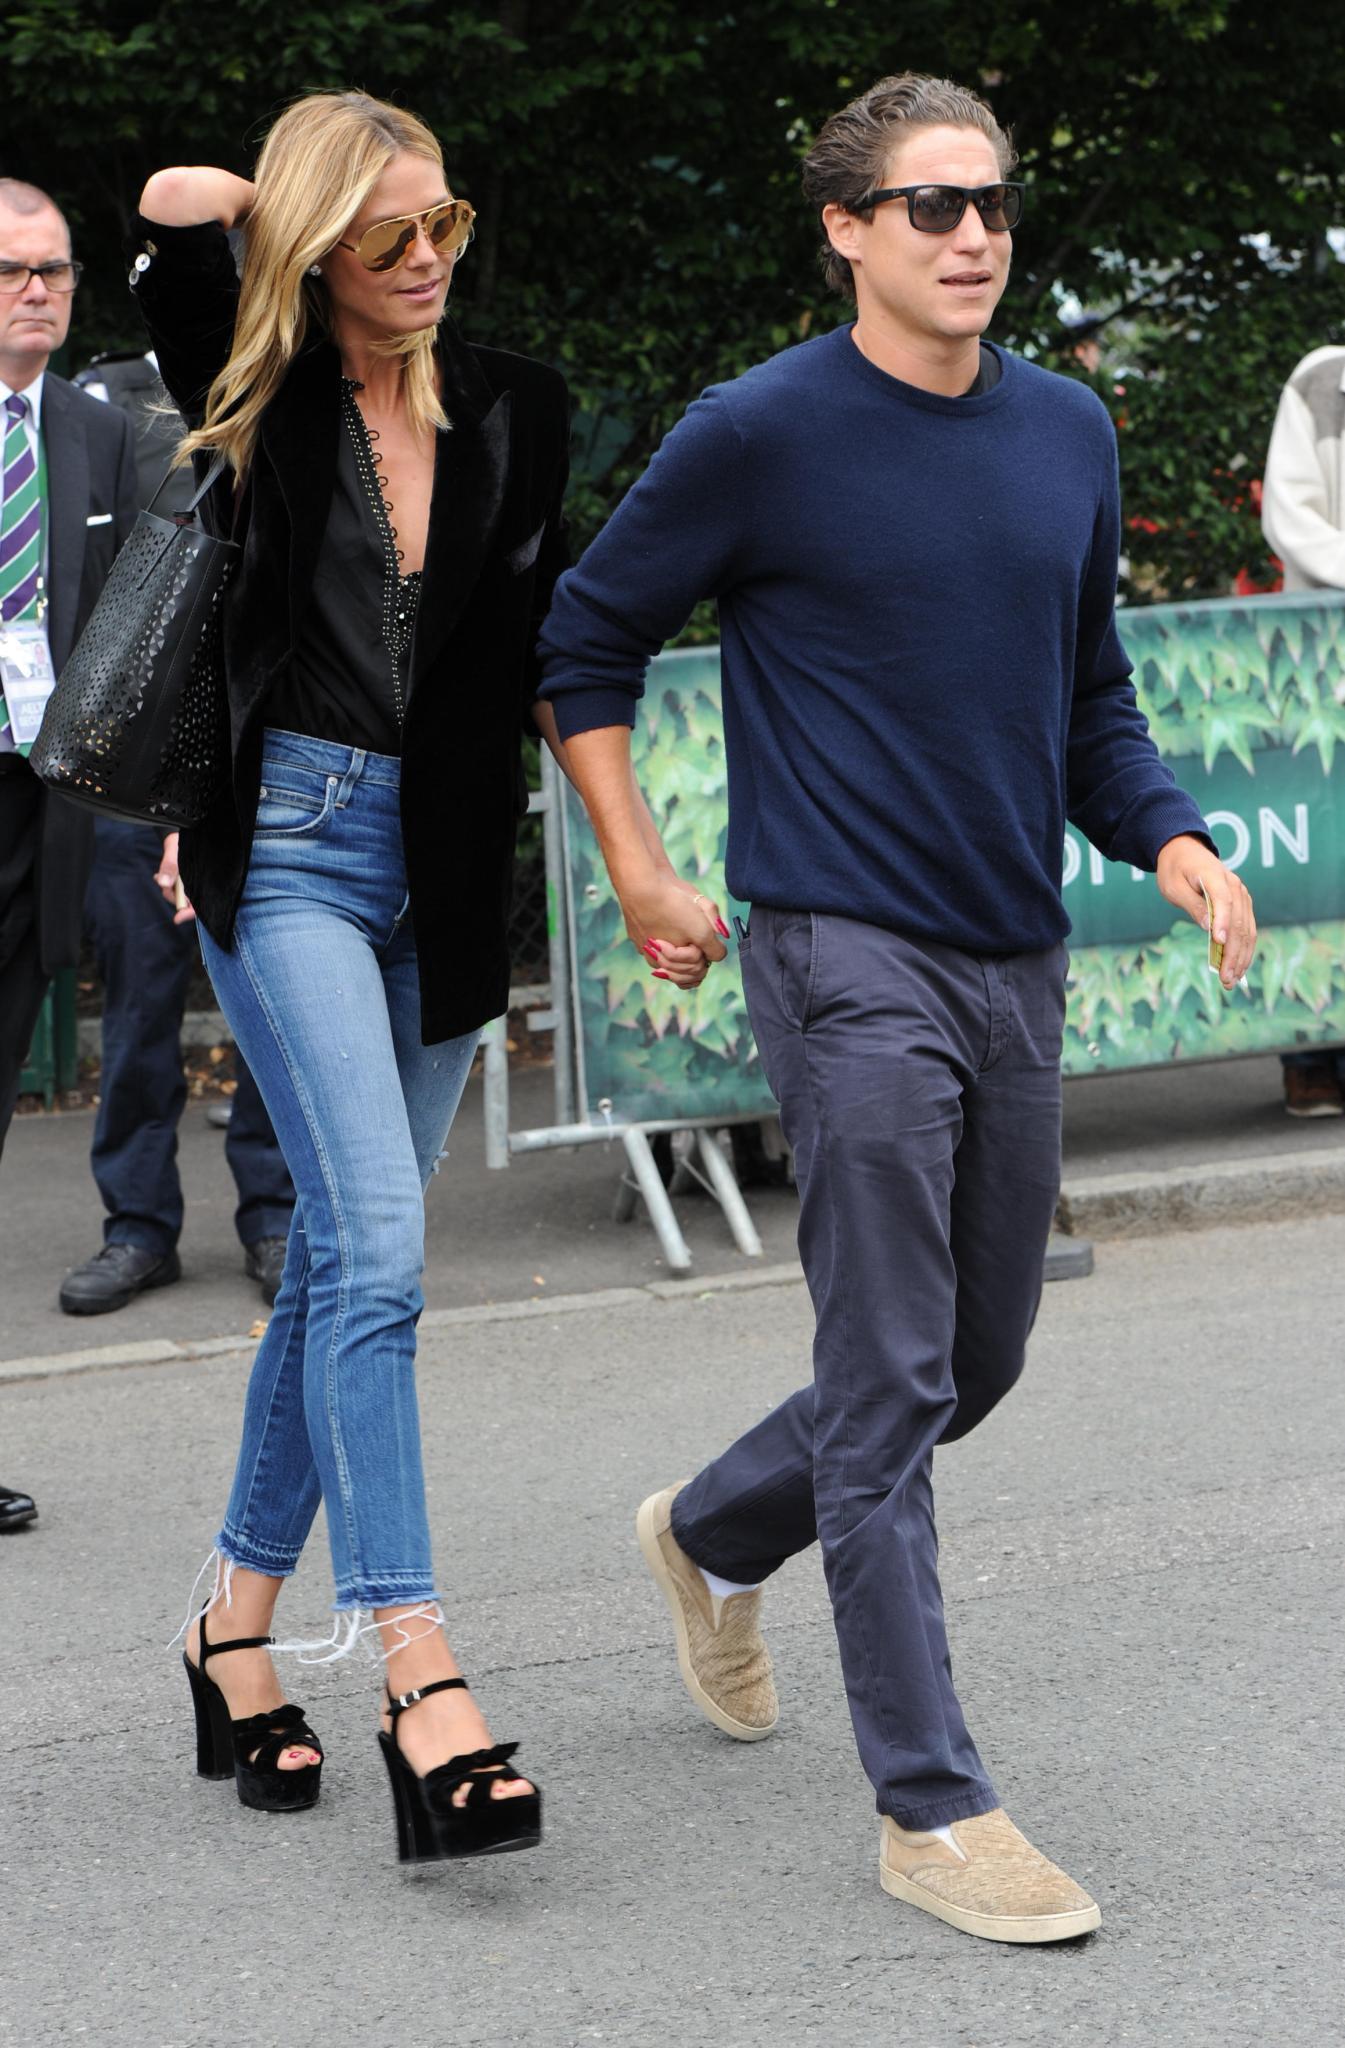 Vito geht voran, hat Heidi fest an der Hand. So präsentierte sich das Paar jetzt auf dem Weg ins Tennisstadion von Wimbledon